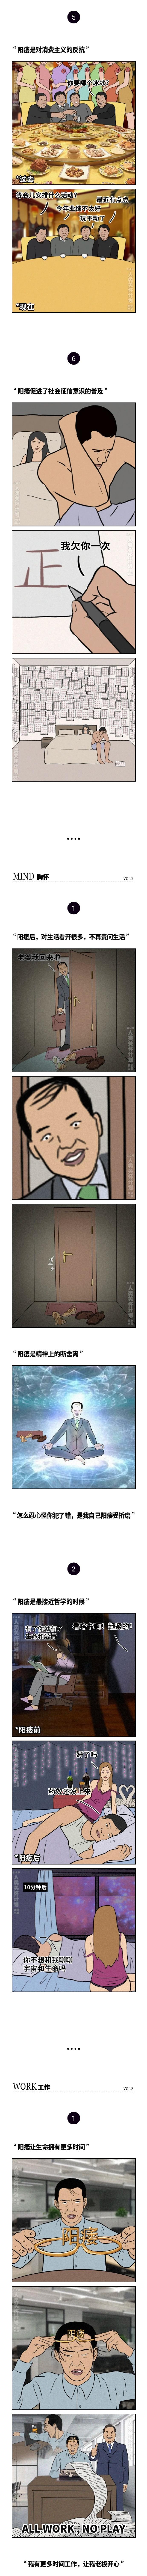 恶搞文章:阳痿,男人最好的福报